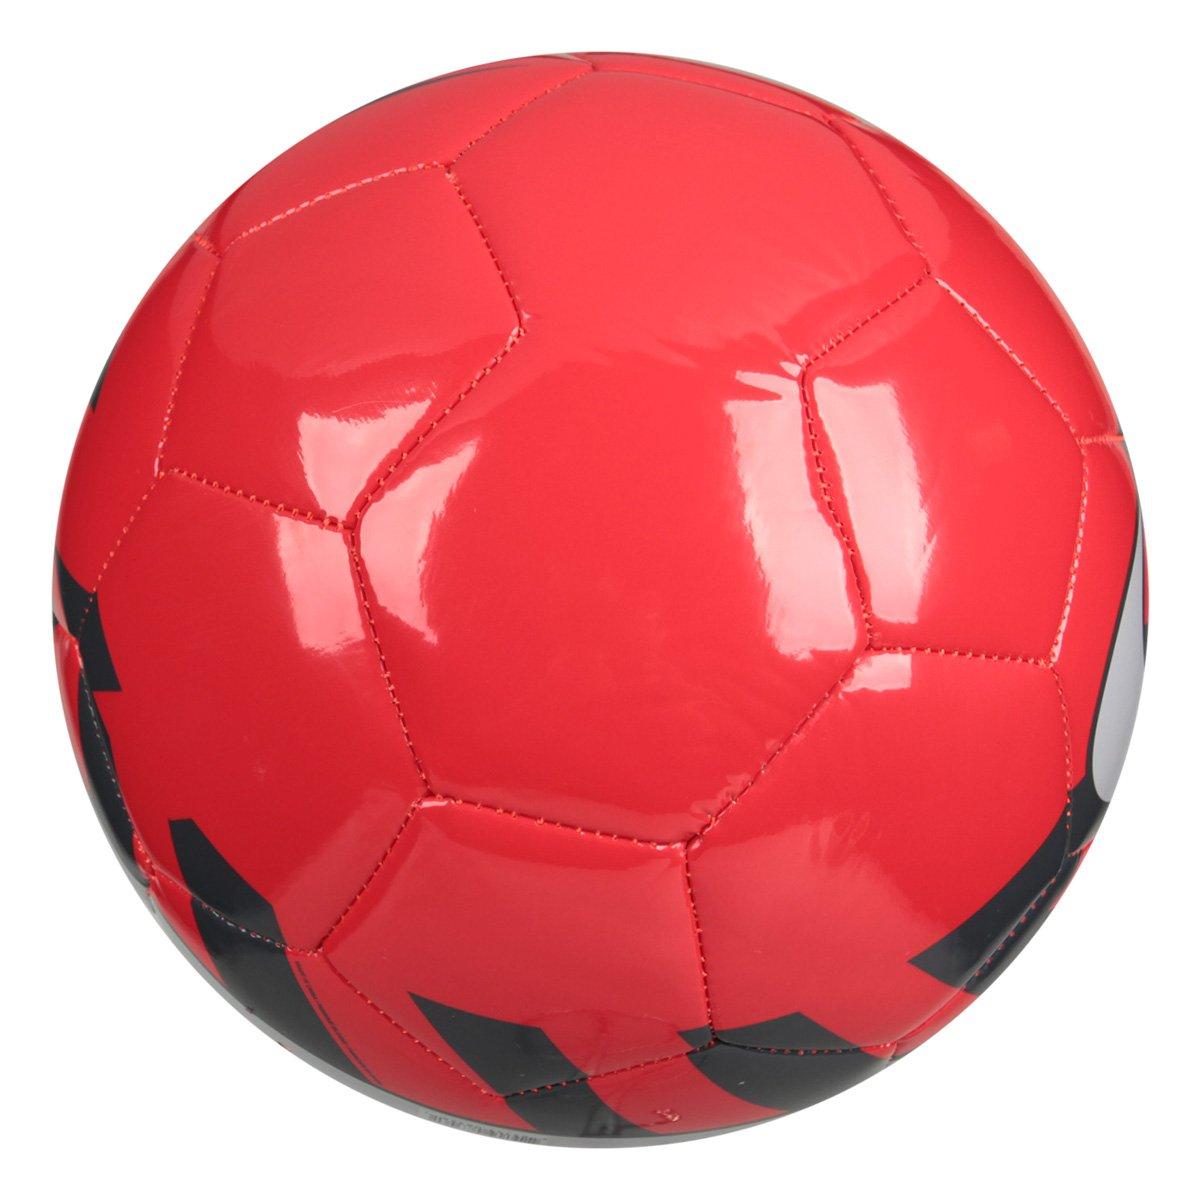 Bola Futebol Nike React Campo - Vermelho - Compre Agora  40b8318580511